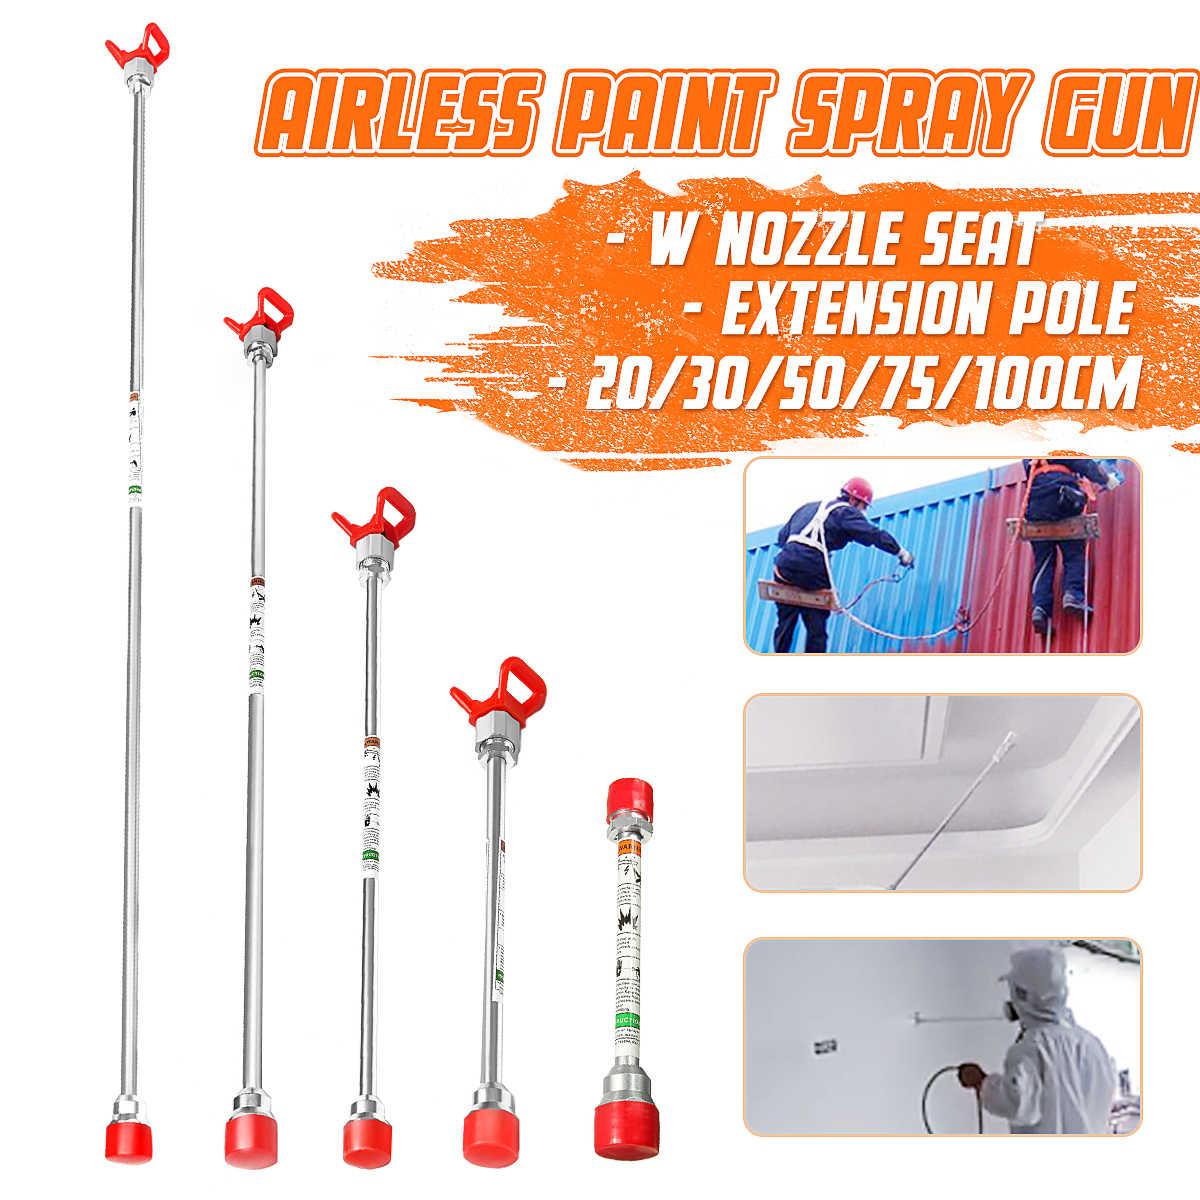 Havasız boya püskürtme ucu uzatma direği sprey tabancalar için uyar Titan Wagner 20cm/30cm/50cm/75cm/100cm sprey tabancalar meme aracı parçaları